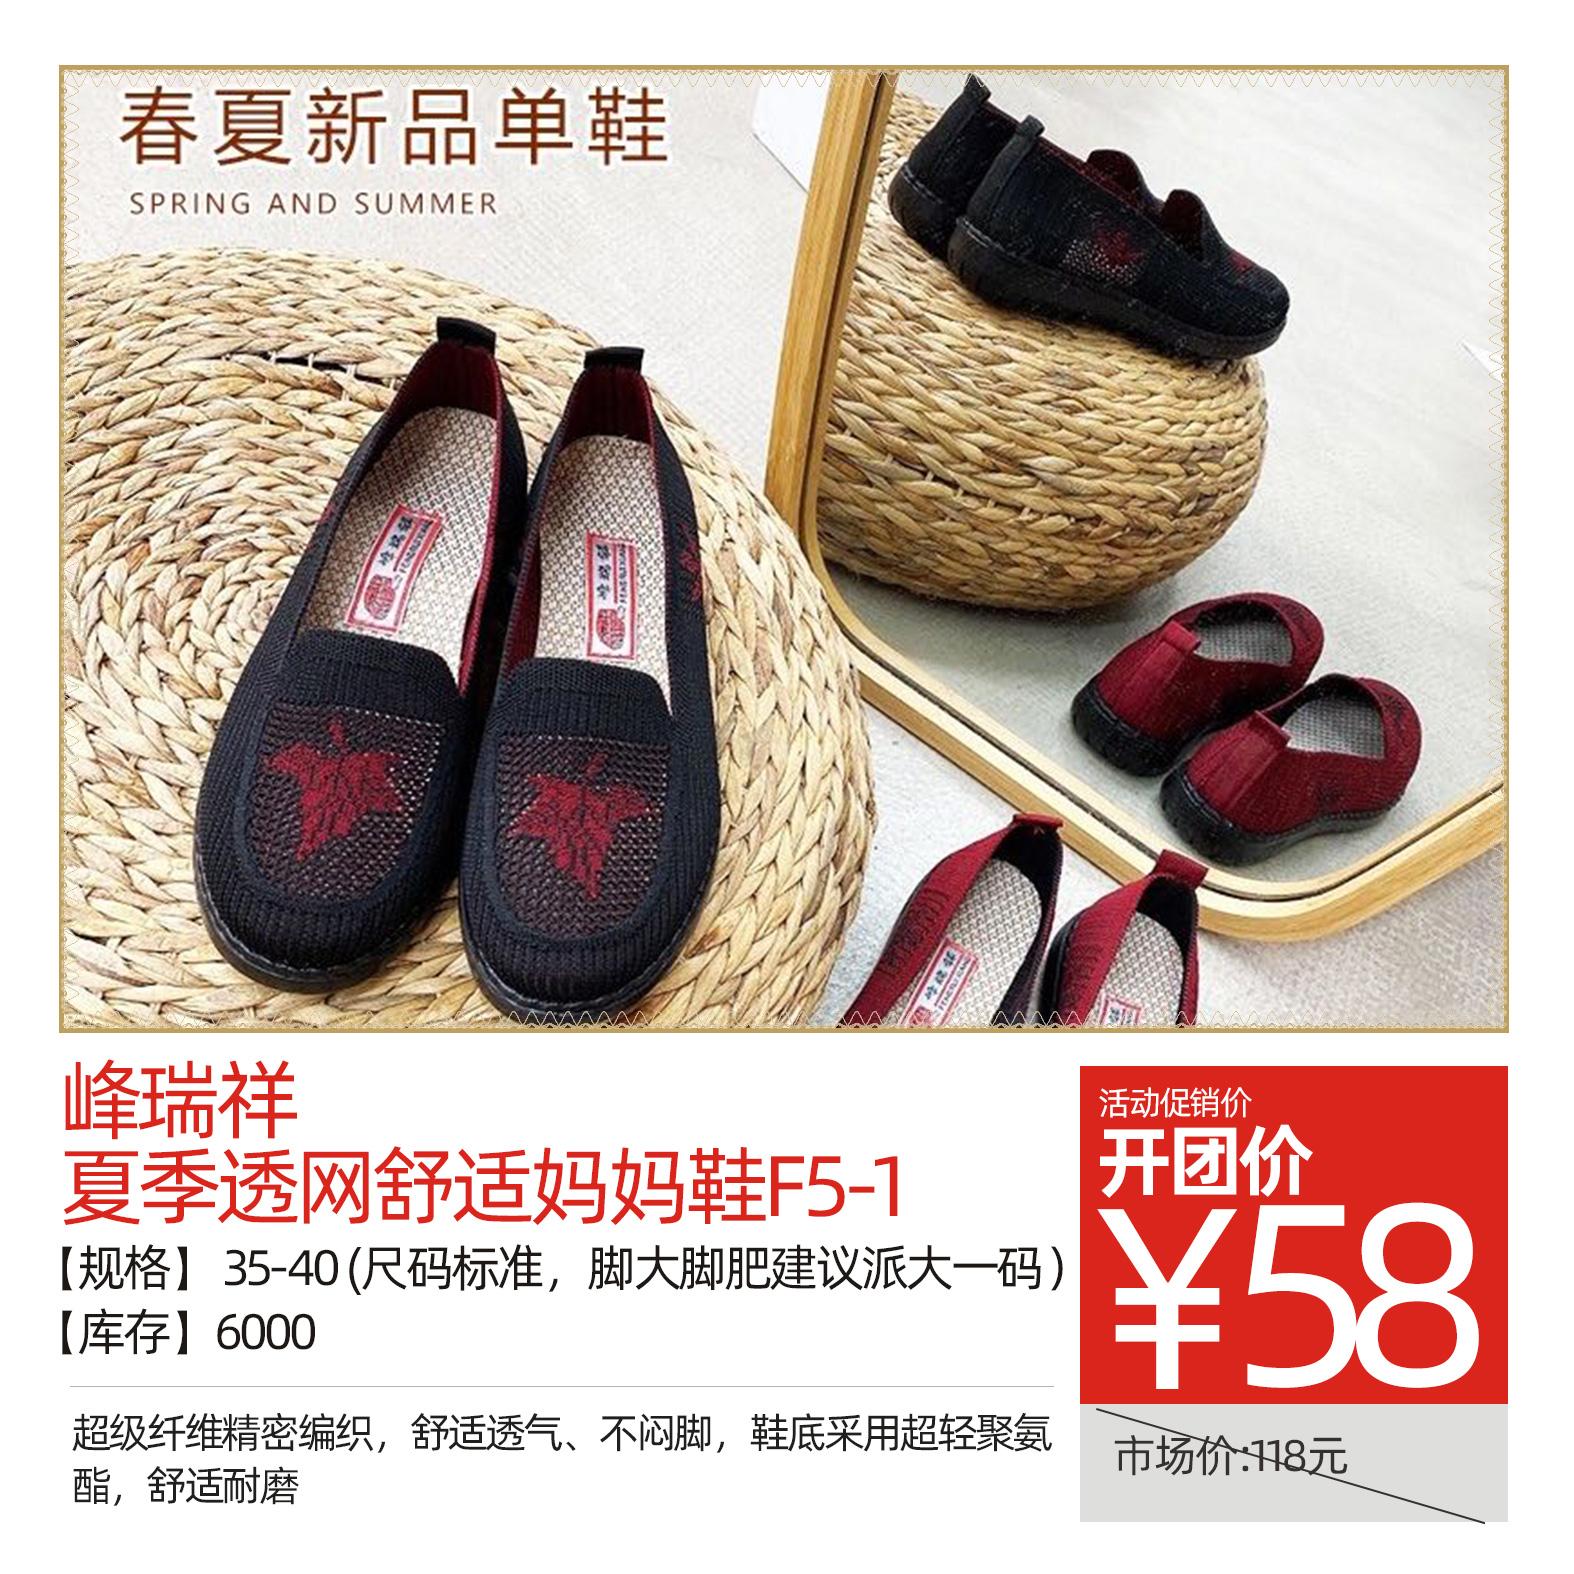 峰瑞祥夏季透网舒适妈妈鞋F5-1